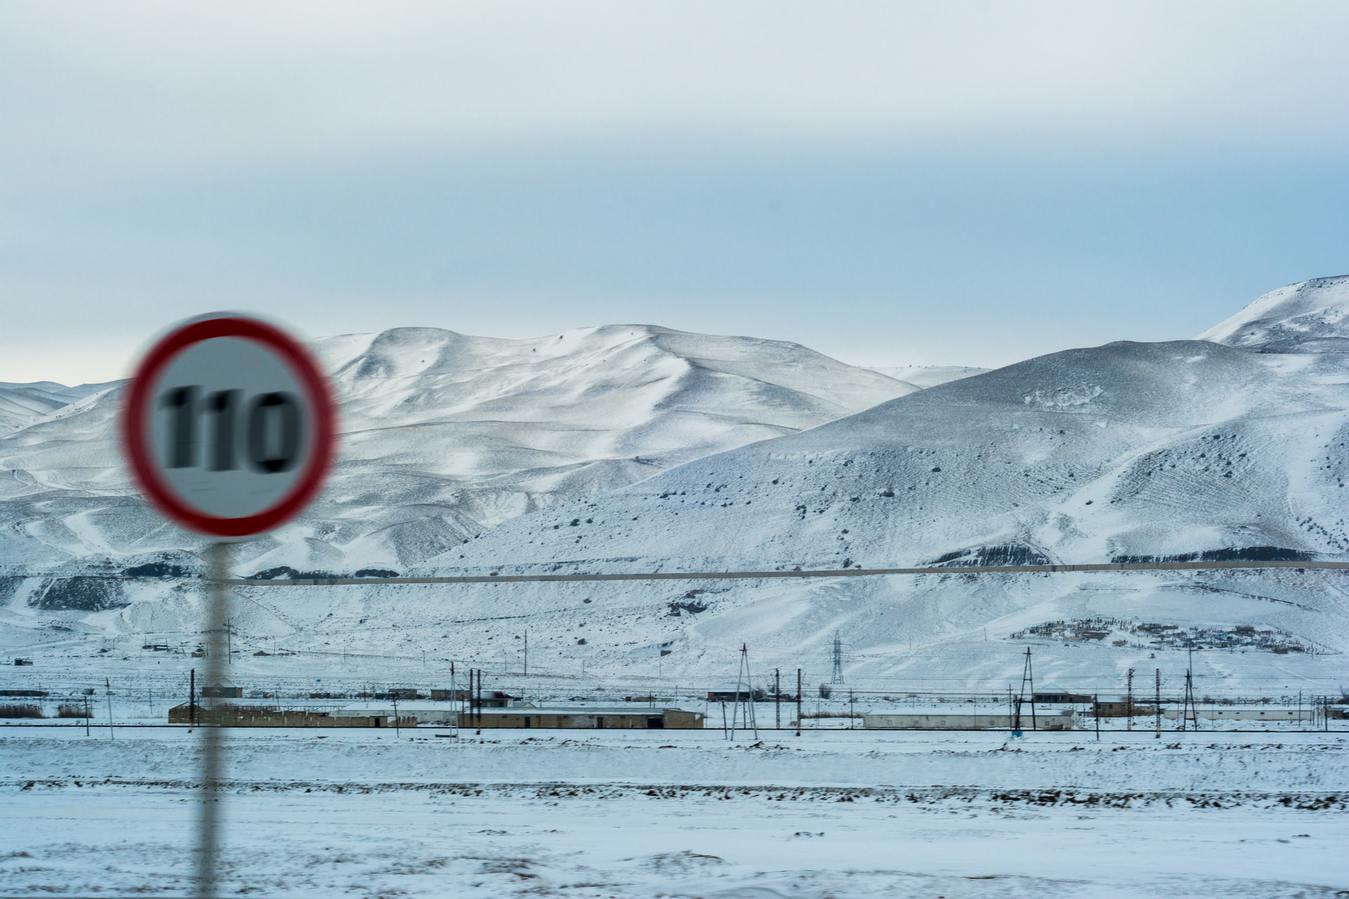 Śnieżny krajobraz ze znakiem ograniczenia prędkości, który jest zamazany